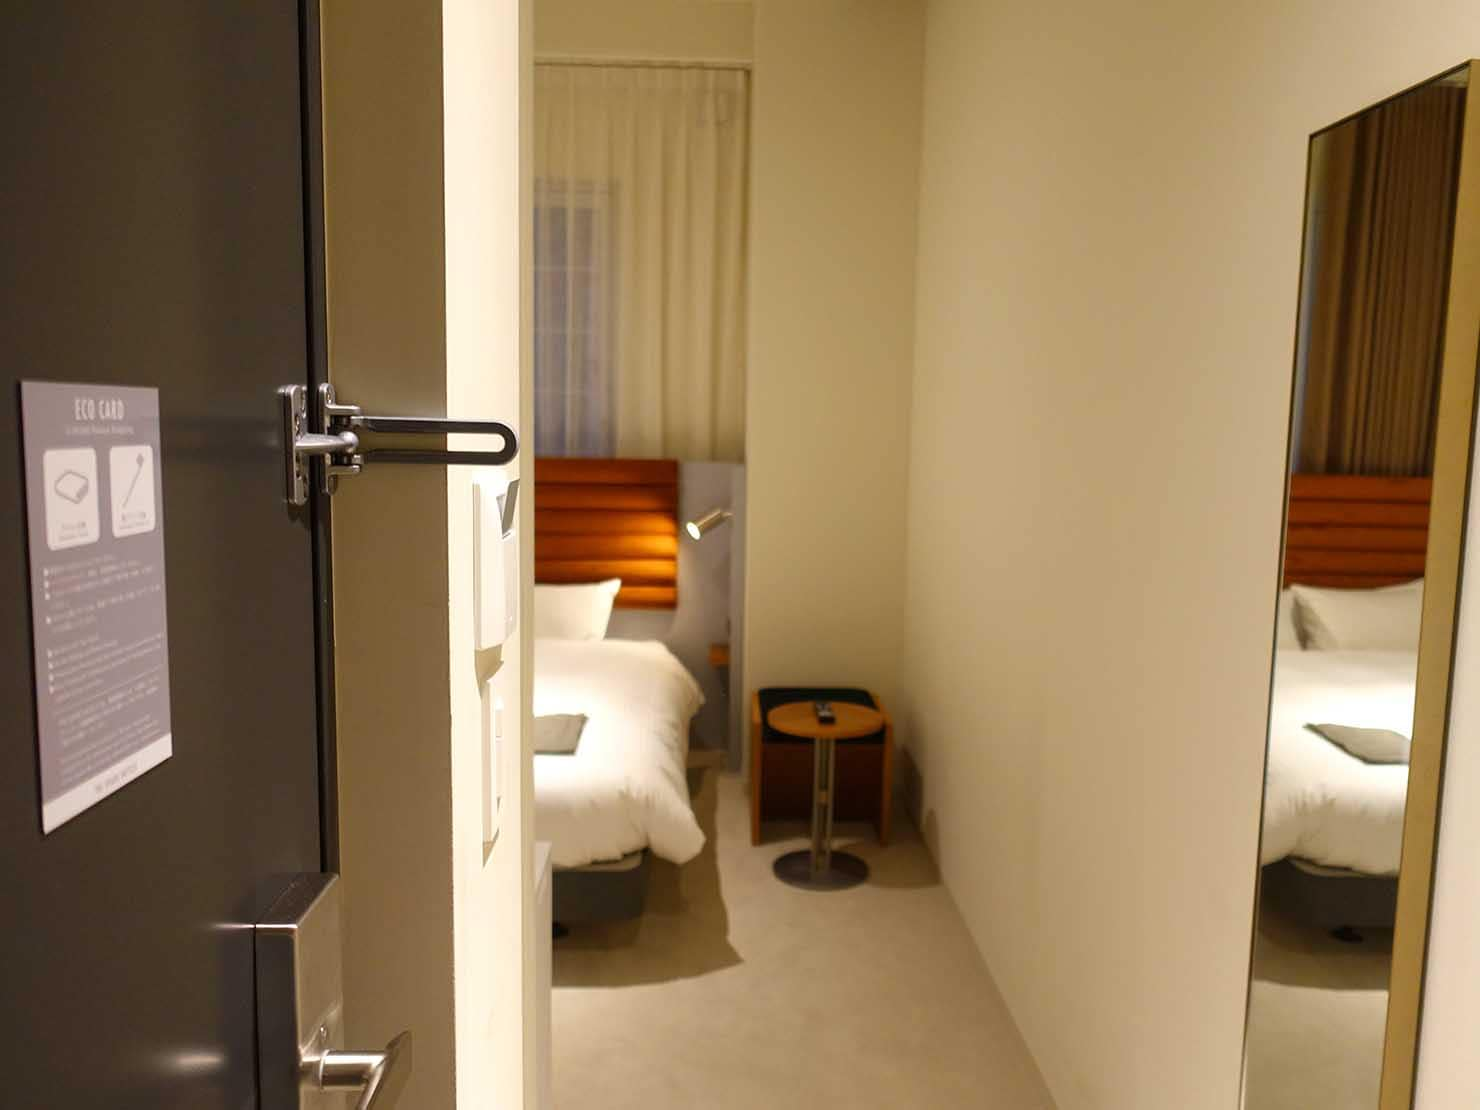 広島・八丁堀のおしゃれなリノベホテル「KIRO広島 The Share Hotels」コンパクトダブルの玄関